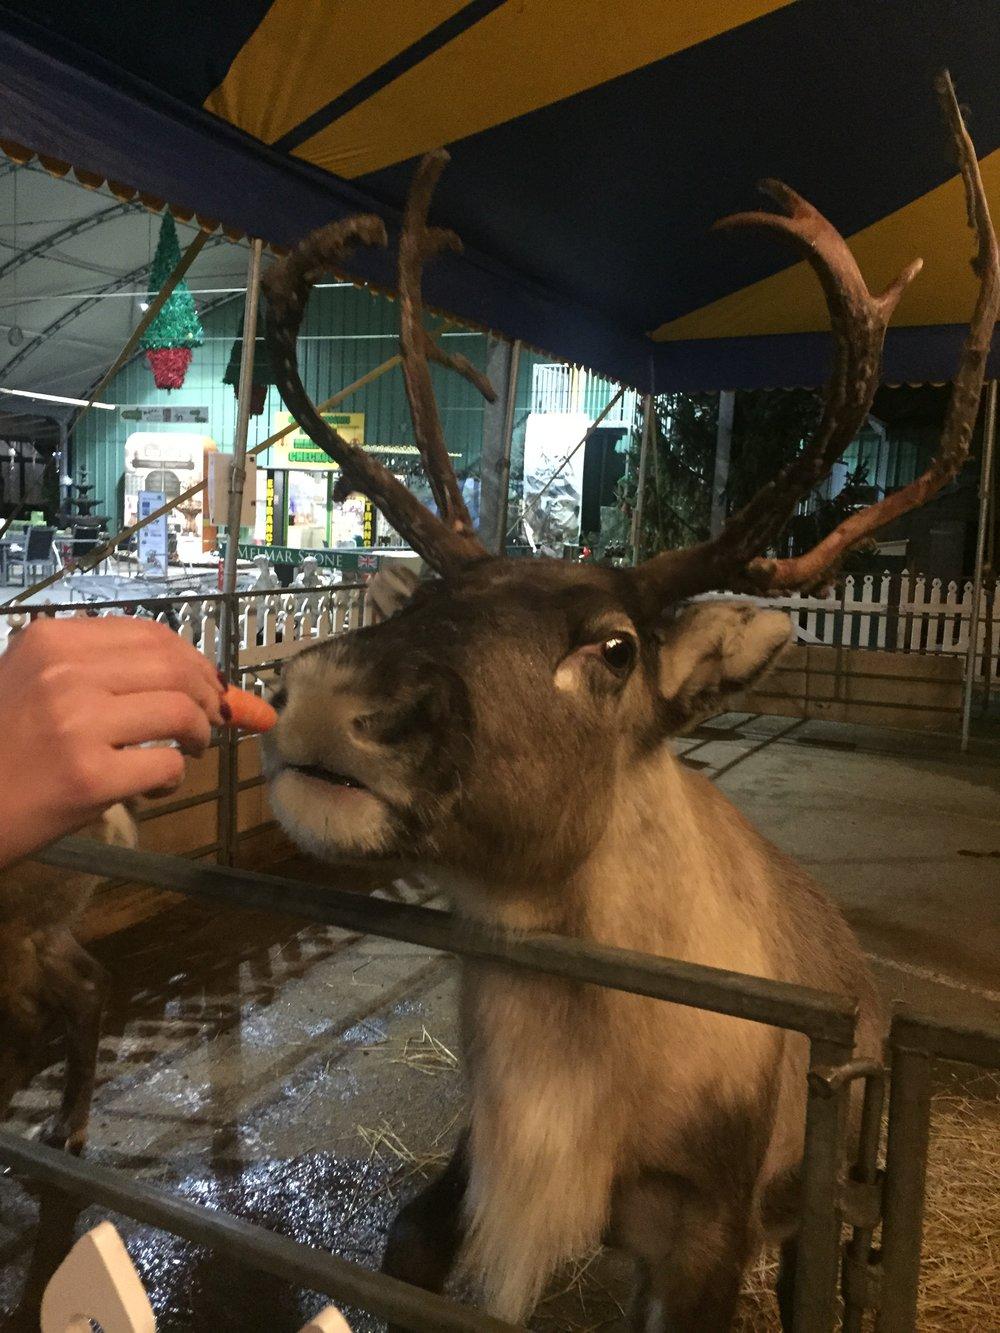 Meeting Santa's reindeer at Baytree Winter Wonderland